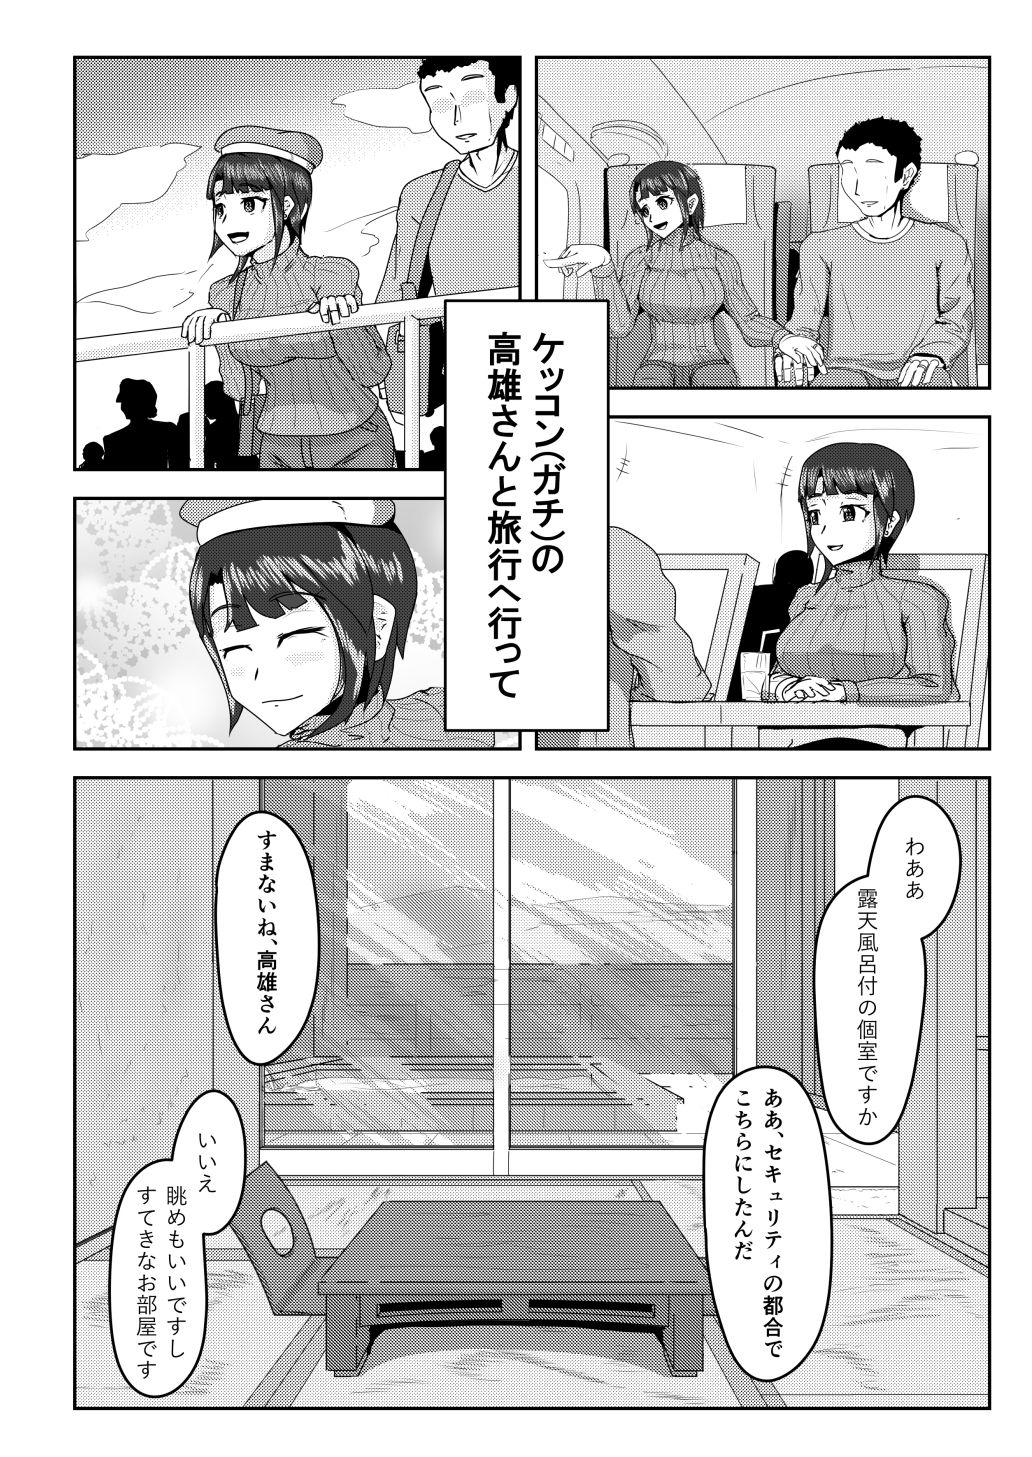 高雄の華〜高雄さんと温泉旅行でイチャイチャする話〜